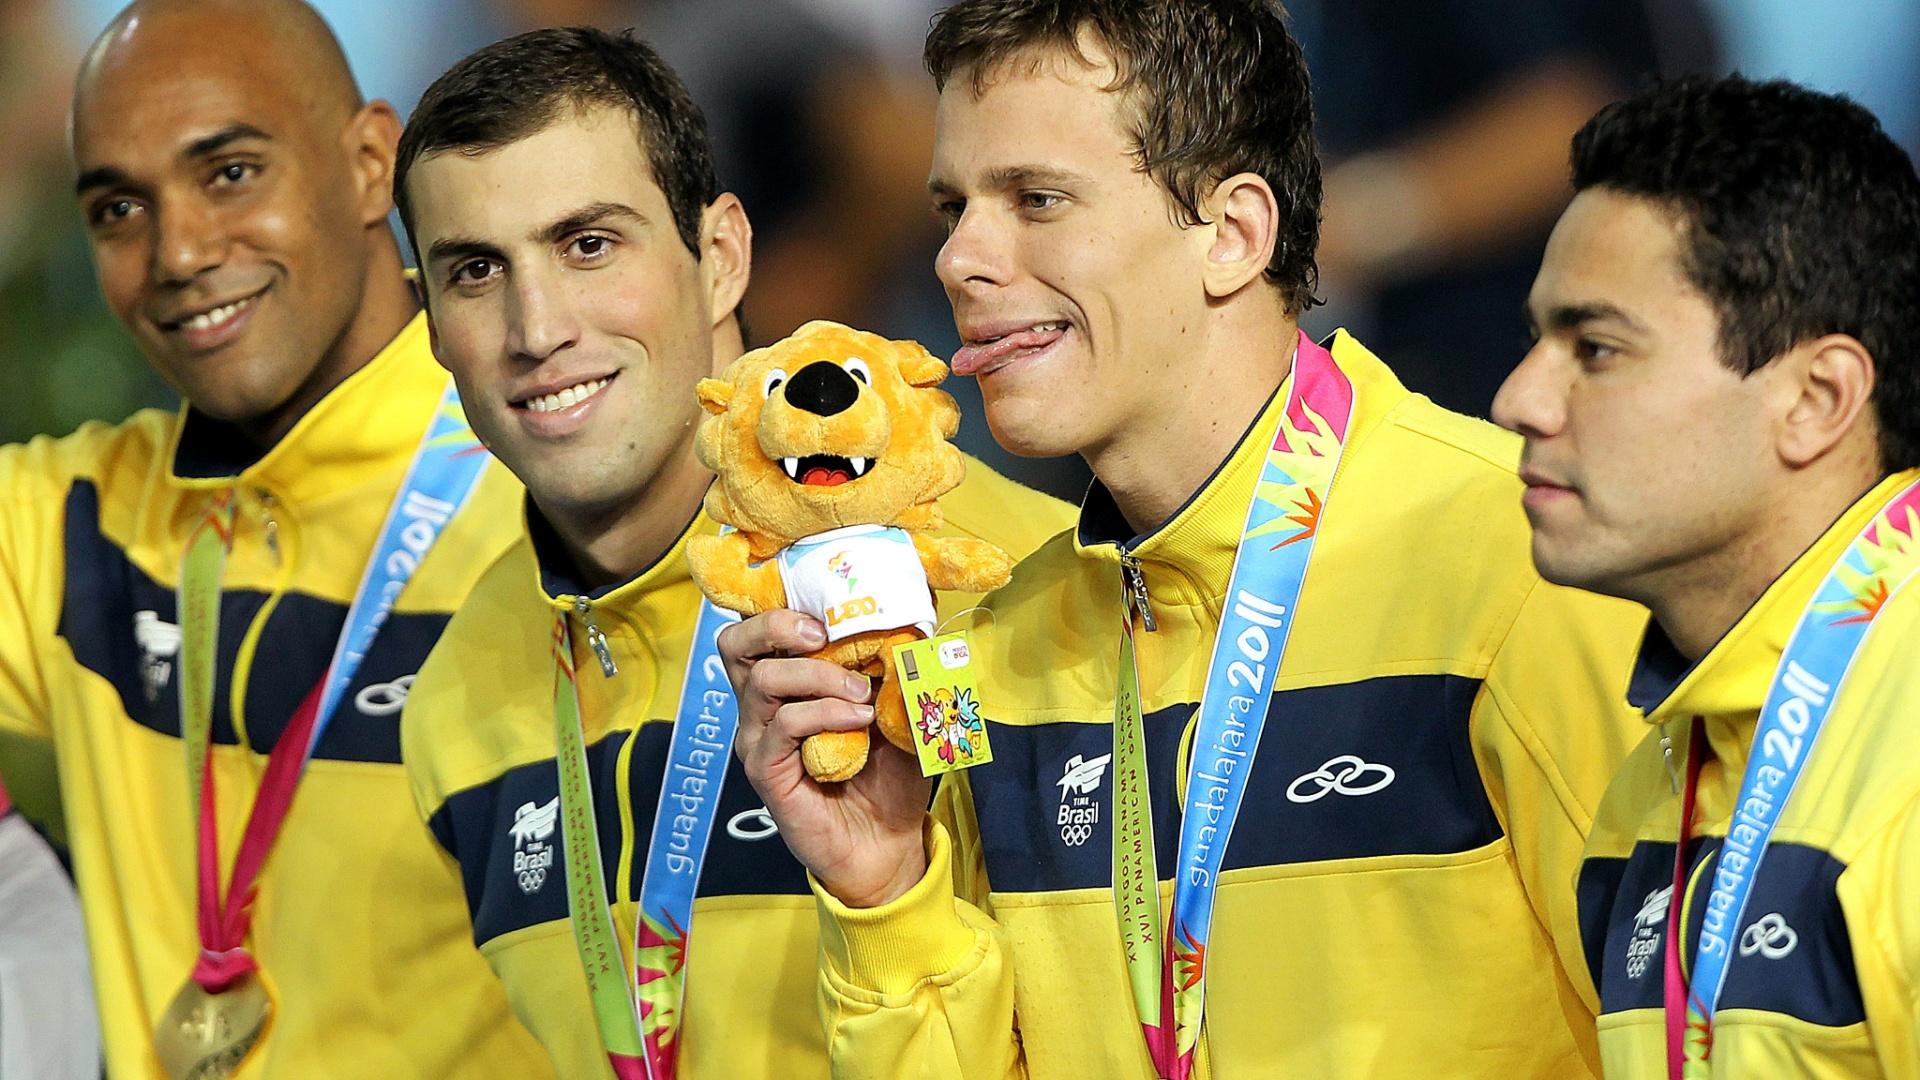 Cesar Cielo mostra a língua na comemoração do ouro nos 4x100m medley, fechahdo a natação no Pan-2011 (21/10/2011)'